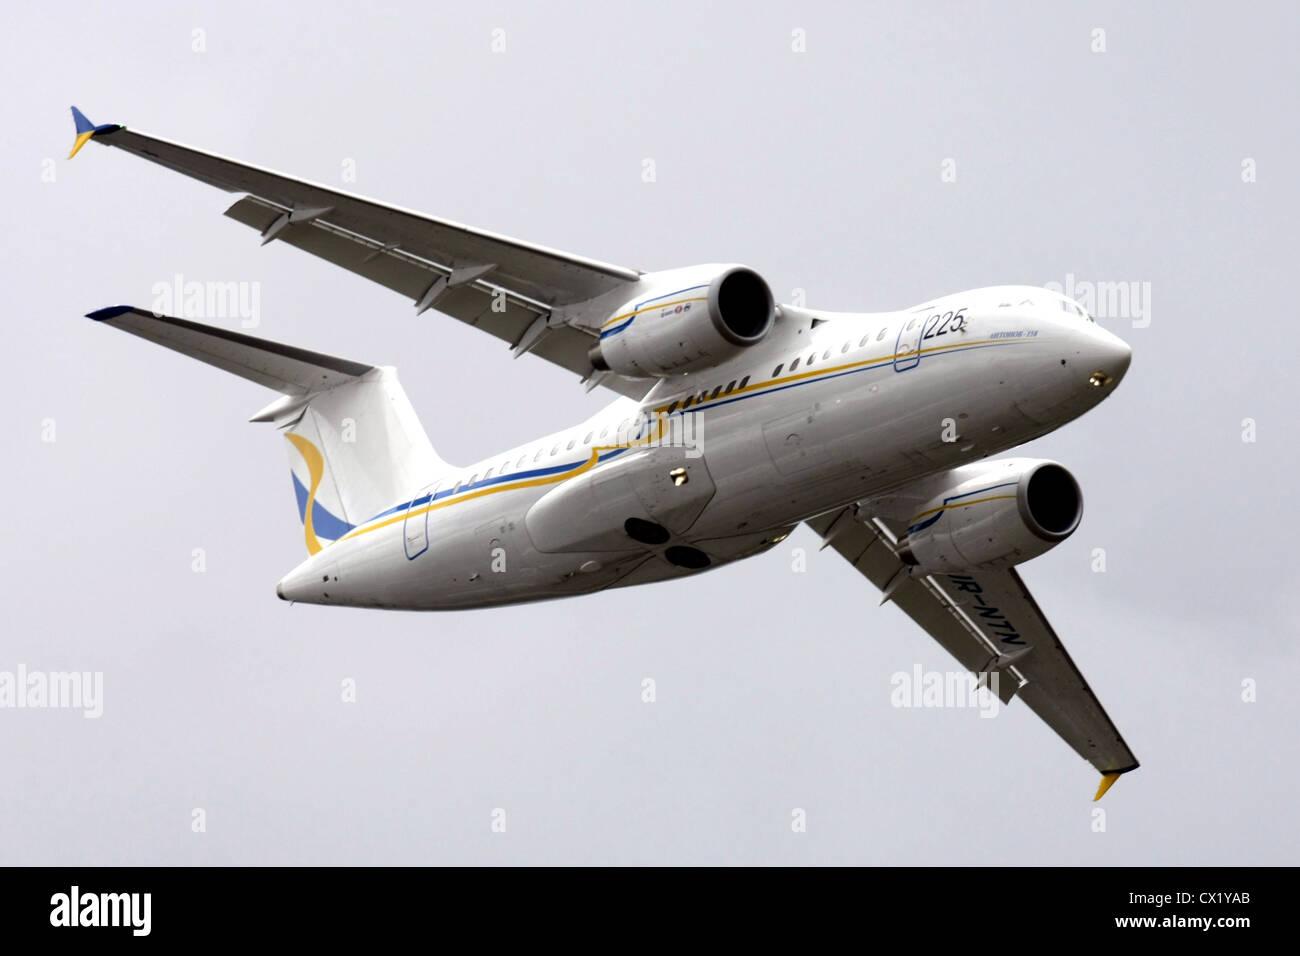 L'agence ITAR-TASS: PARIS, FRANCE. Le 21 juin 2011. Un avion Antonov 158 effectue un vol de démonstration à la Banque D'Images